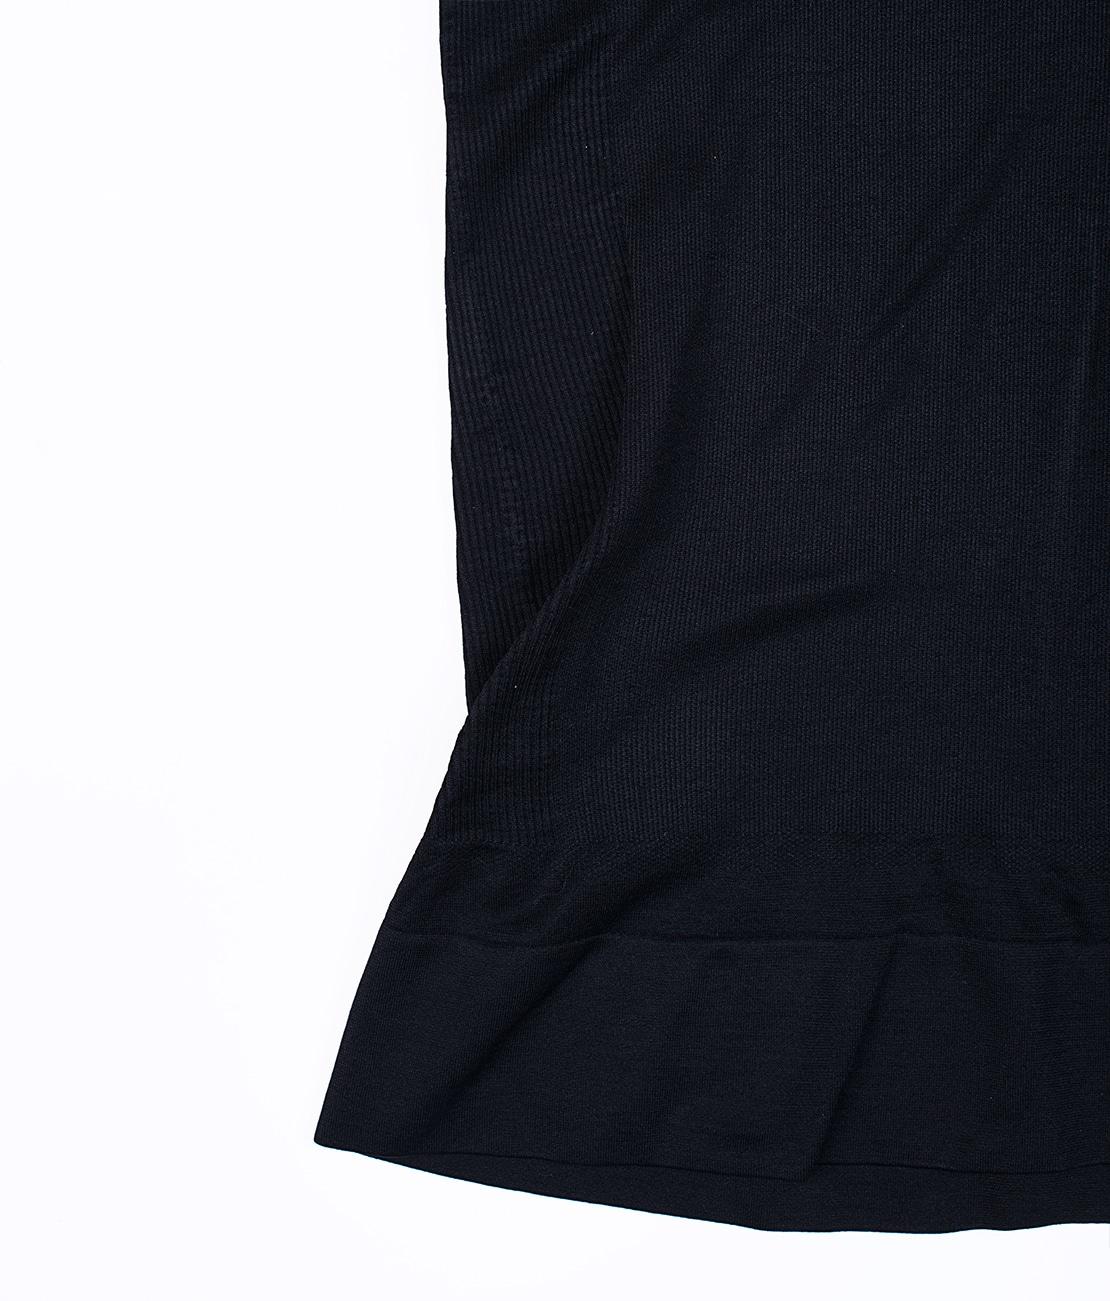 T Shirt Amincissant Noir Packshot Detail 1